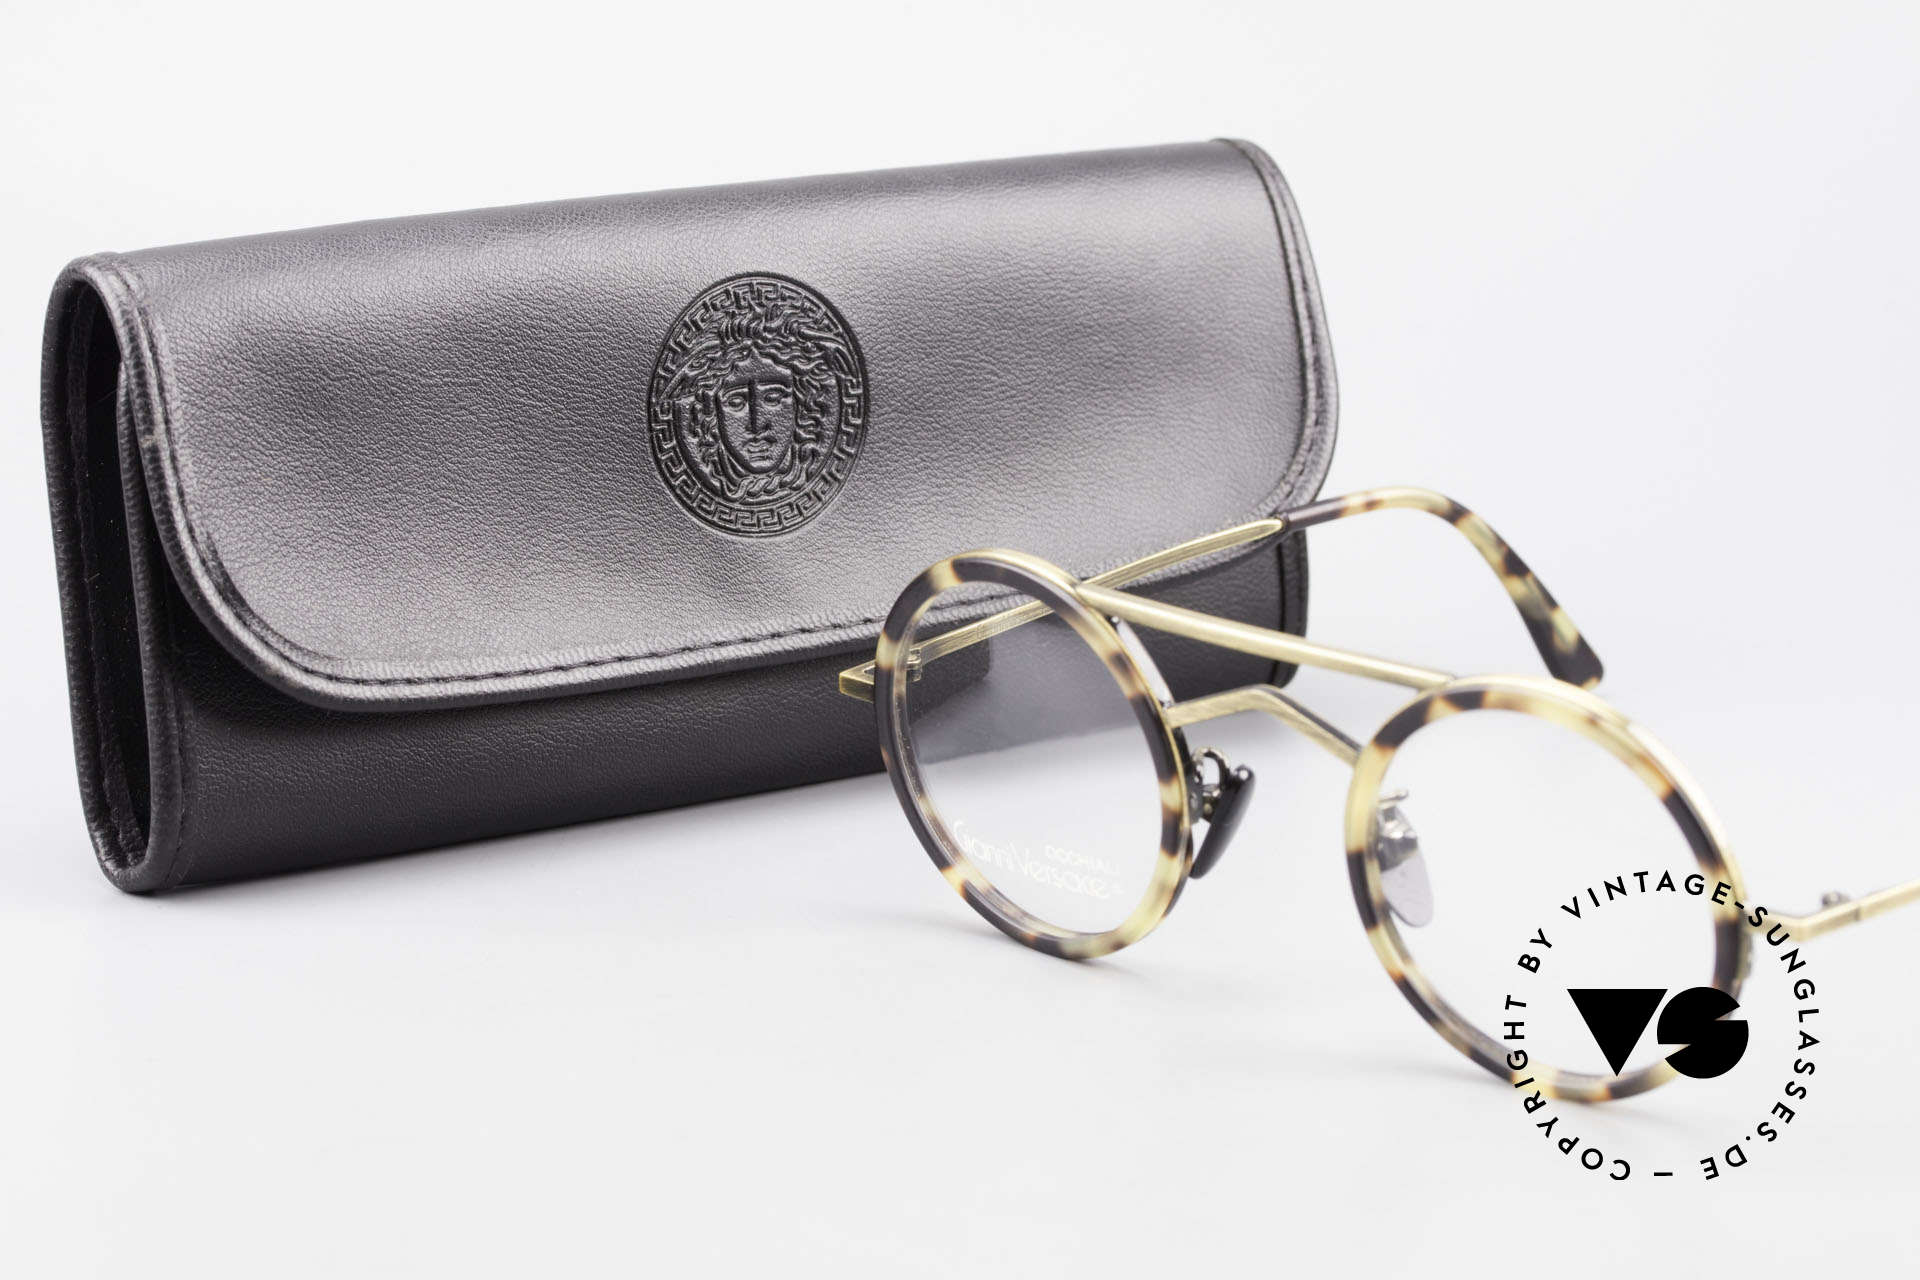 Gianni Versace 620 Runde 90er Vintage Brille, KEINE Retrobrille, sondern echt 90er Jahre Original, Passend für Herren und Damen